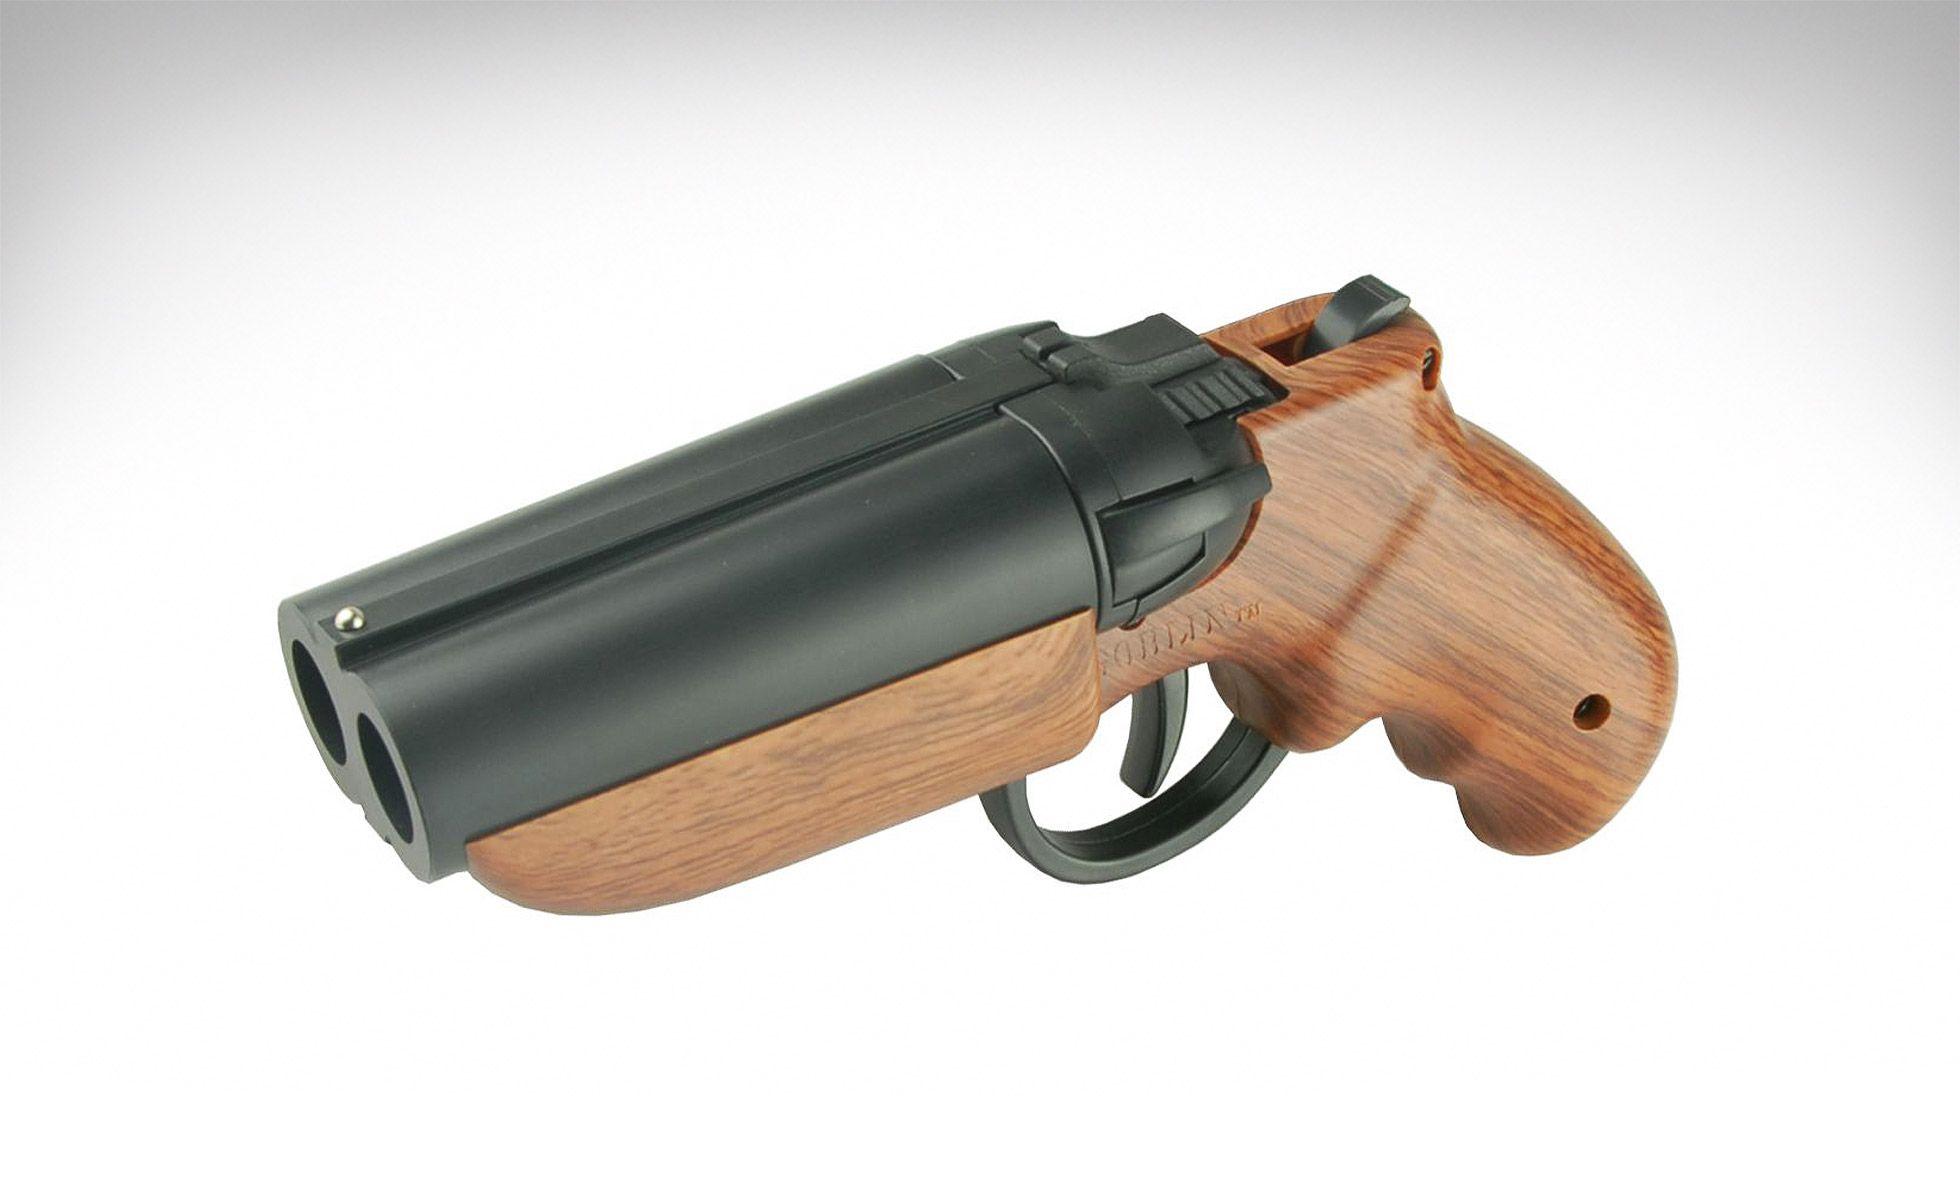 Goblin Deuce Double Barrel Paintball Gun Gear Pinterest Tippmann 98 Custom Platinum Series Act Diagram